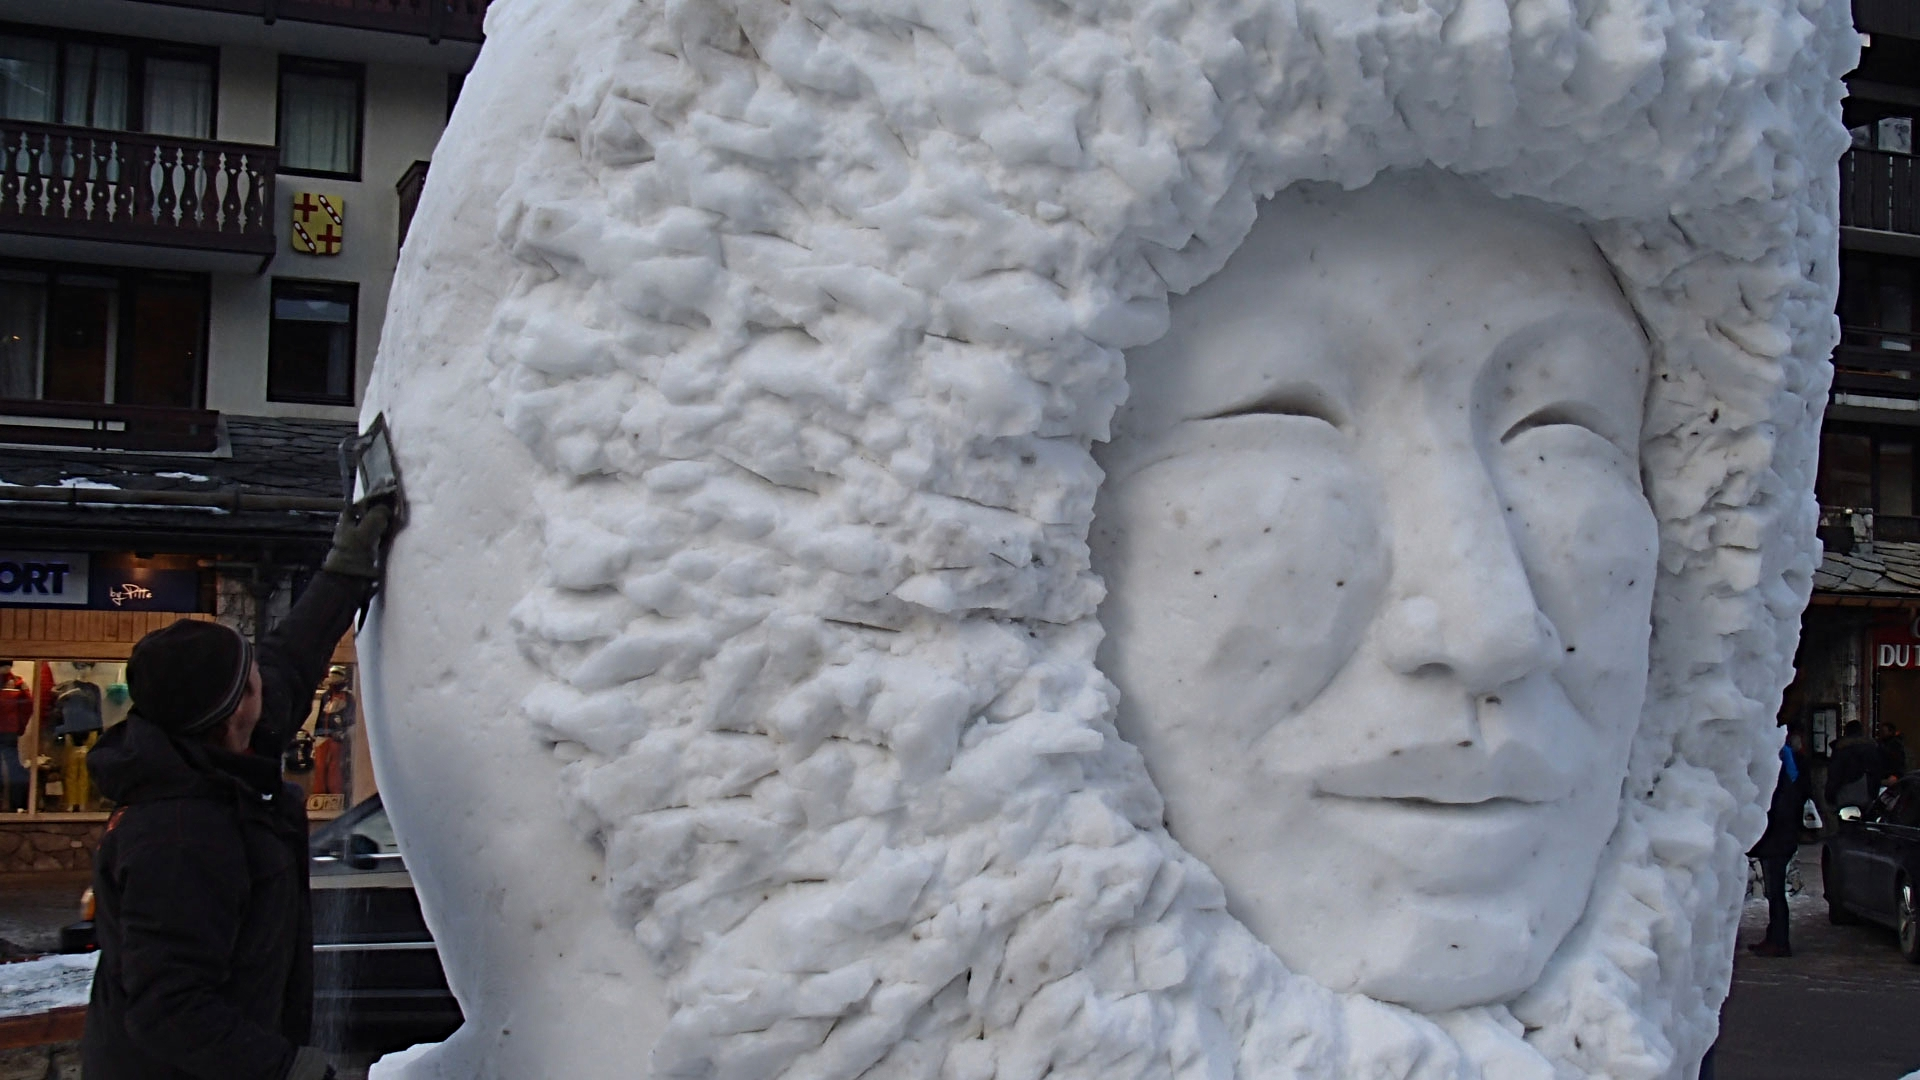 Inuit - Sculpture sur Neige - Val d'Isère - Manon Cherpe